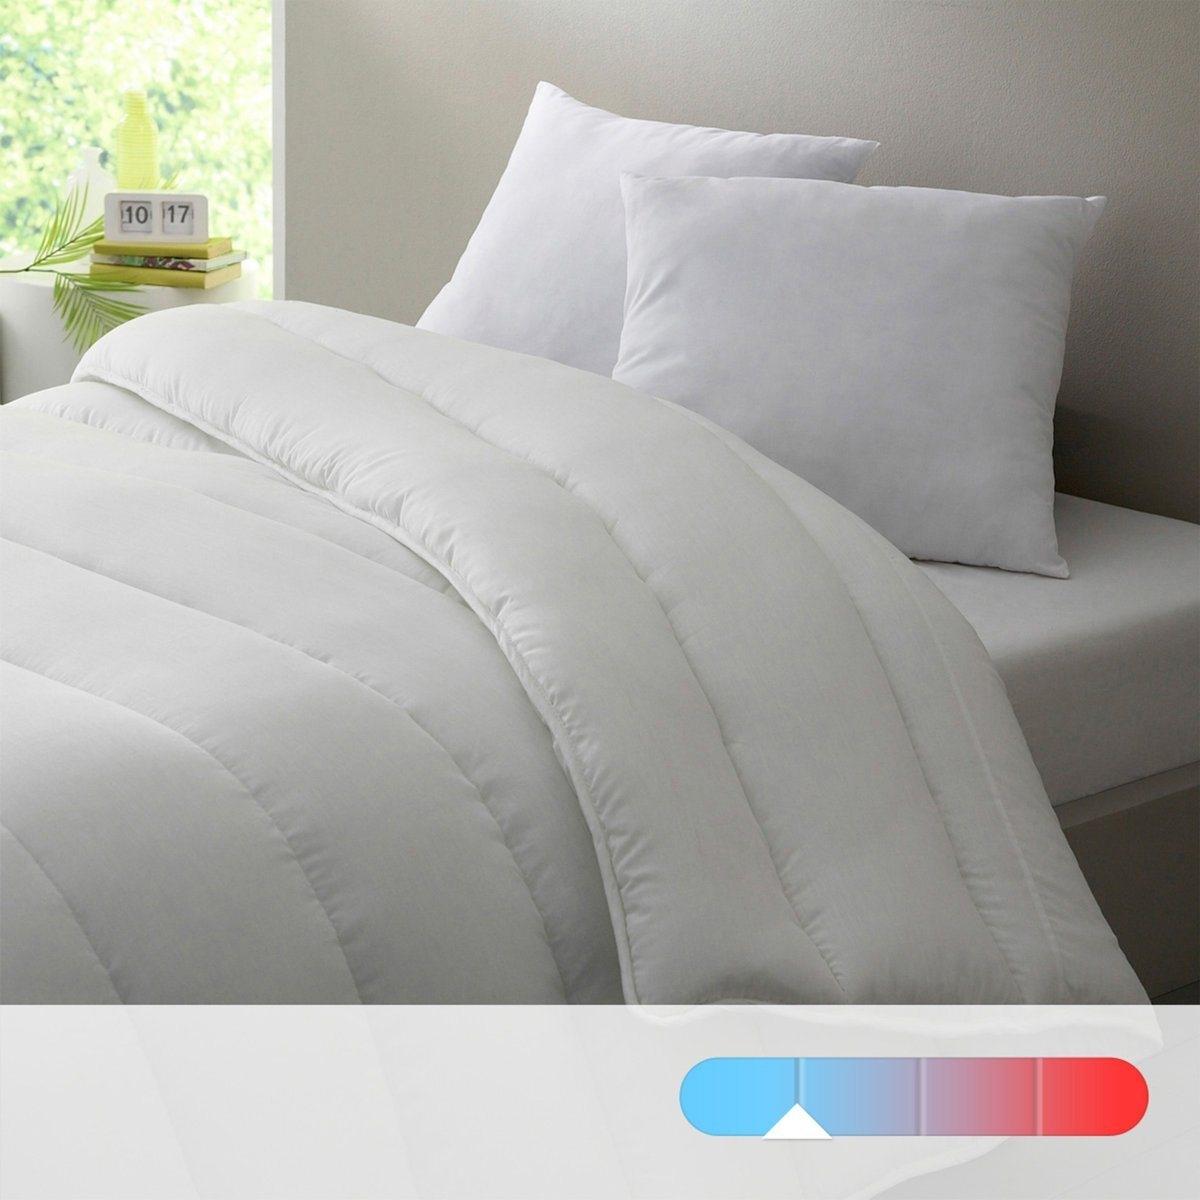 Одеяло с обработкой, 175 г/м?Одеяло 100% полиэстер, силиконовое волокно, с обработкой против клещей SANITIZED. Превосходное соотношение цены и качества, с которым легко жить !175 г/м? : идеально подходит для отапливаемых помещений с температурой 20° и более . Наполнитель : 100% полиэстера Чехол : 100% полиэстер. Отделка бейкой. Прострочка : под угломСтирка при температуре 30°Биоцидная обработка<br><br>Цвет: белый<br>Размер: 75 x 120  см